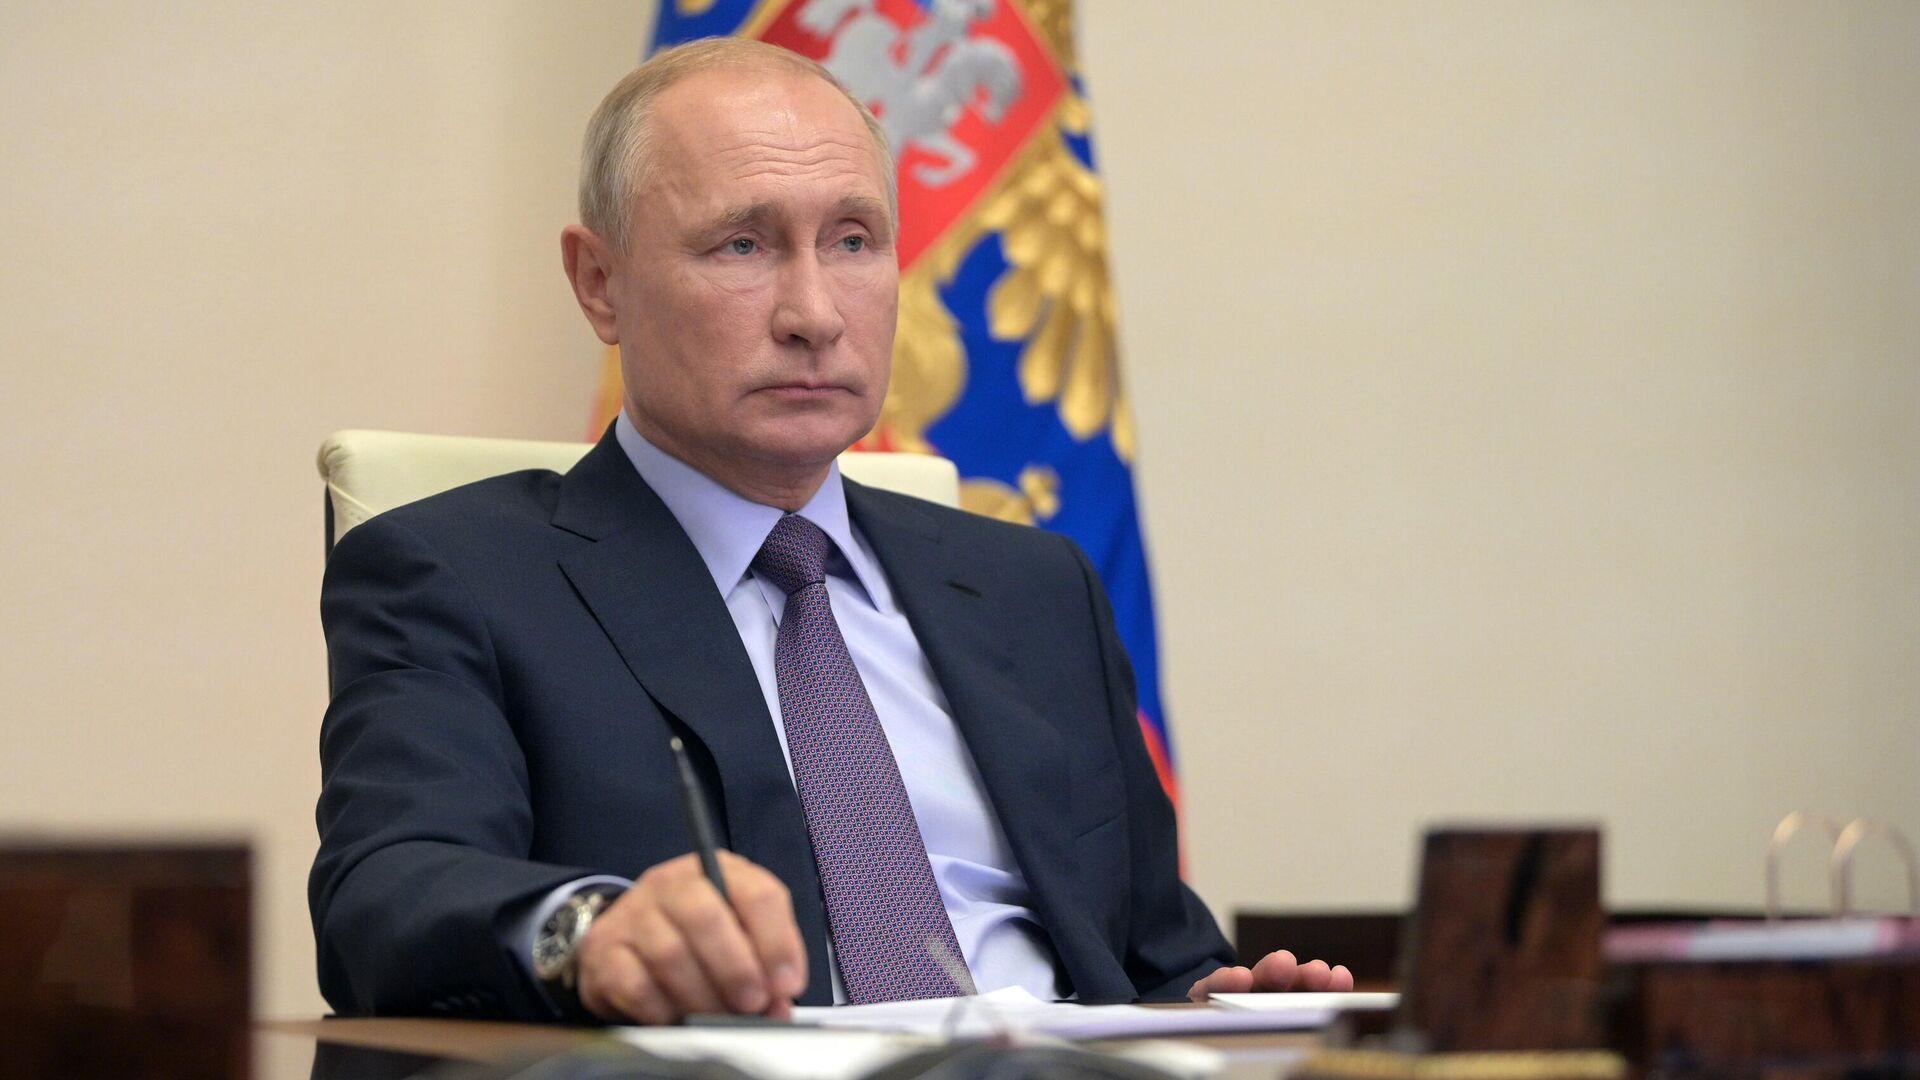 Президент РФ В. Путин провел заседание совета по стратегическому развитию и нацпроектам - РИА Новости, 1920, 13.07.2020